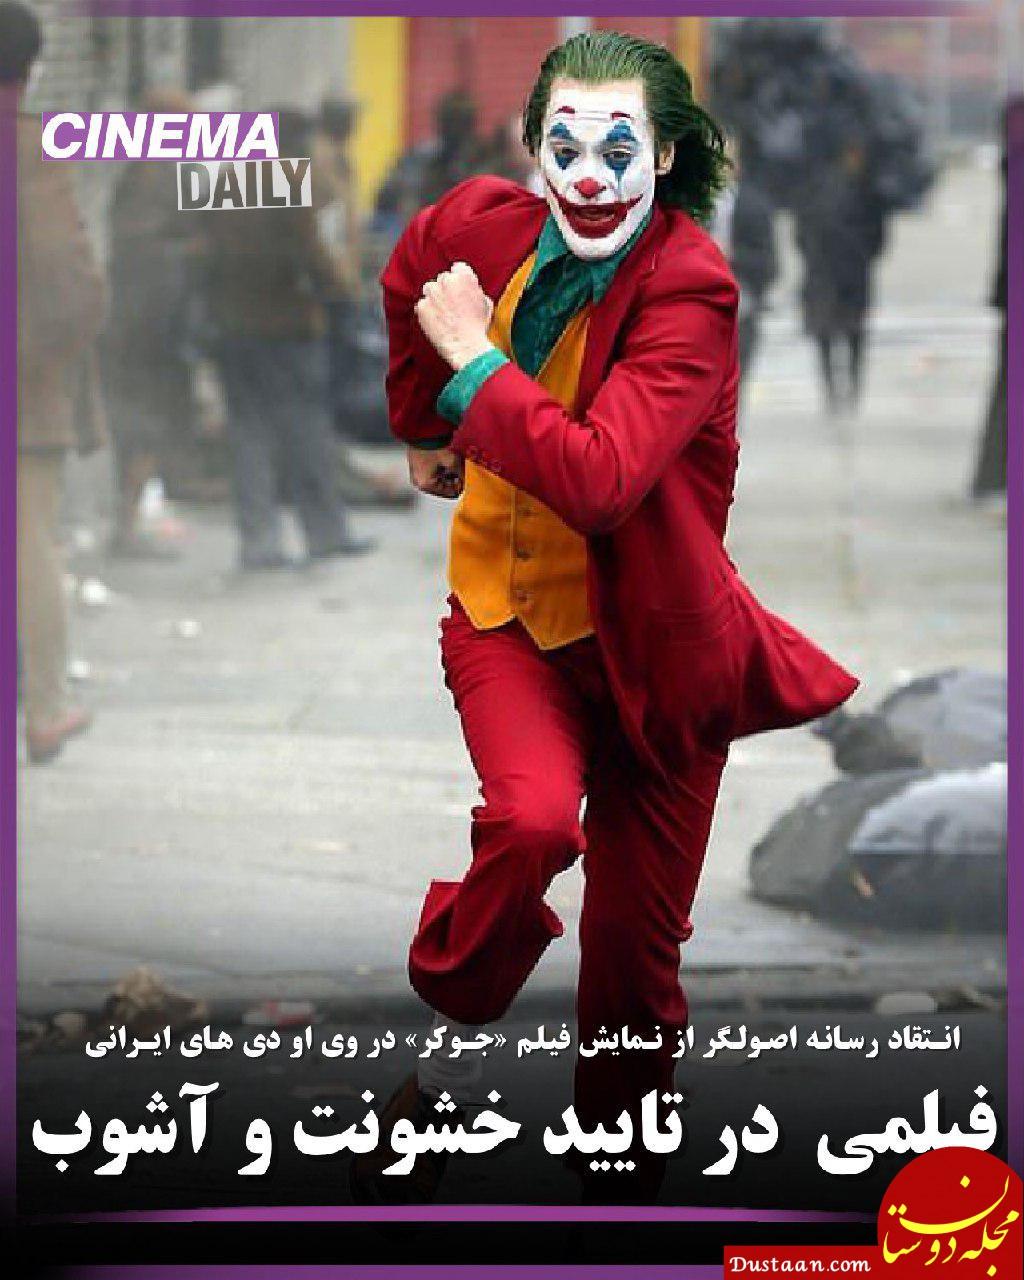 www.dustaan.com روزنامه جوان: چرا وی او دی های ایرانی «جوکر» را منتشر کرده اند؟